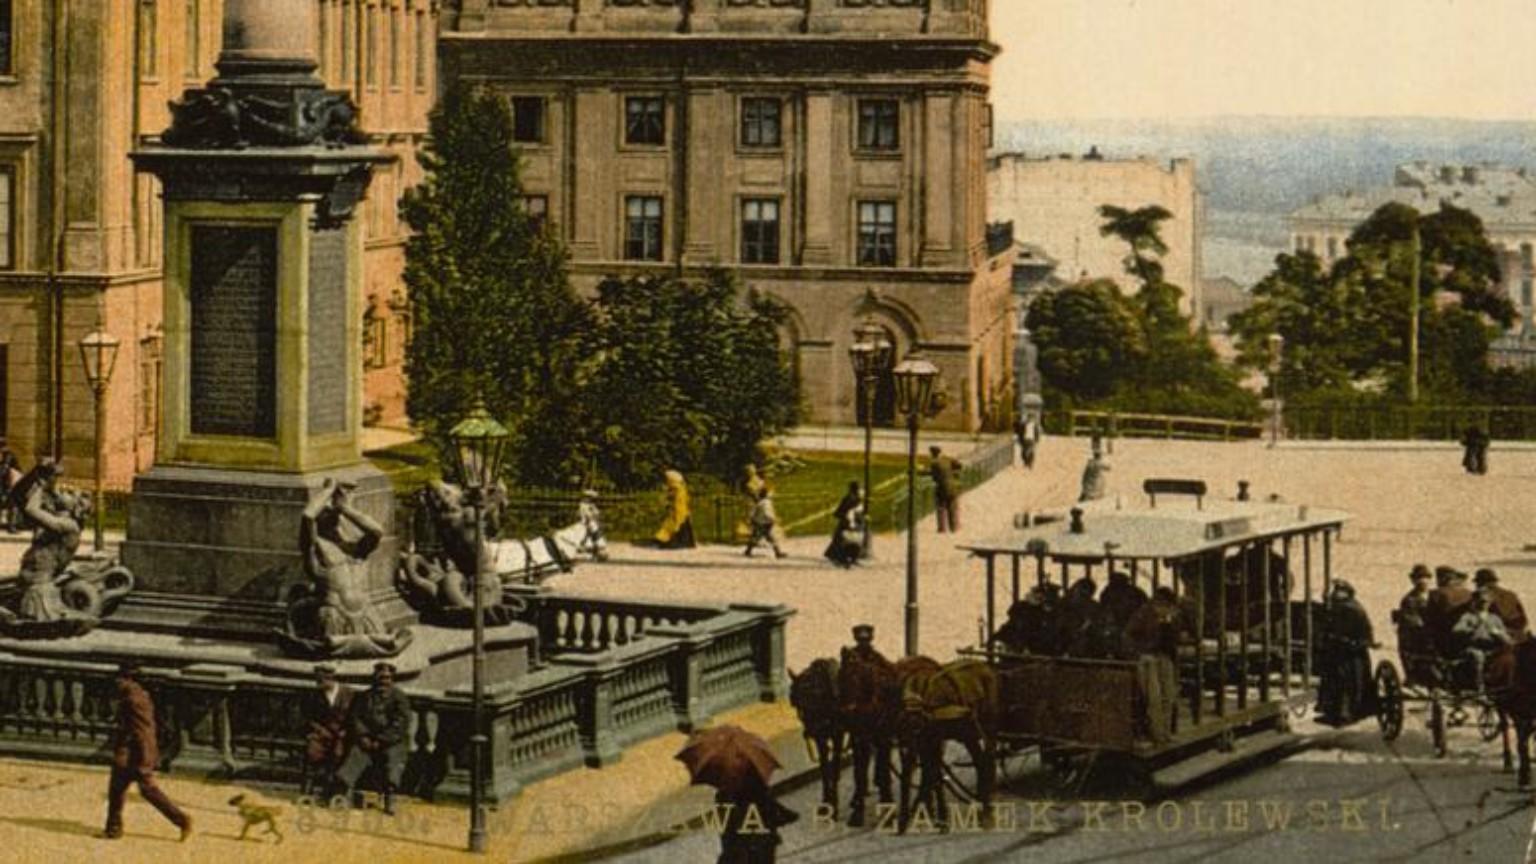 Zdjęcie dla kartki: Uruchomienie sieci tramwajów konnych Towarzystwa Belgijskiego